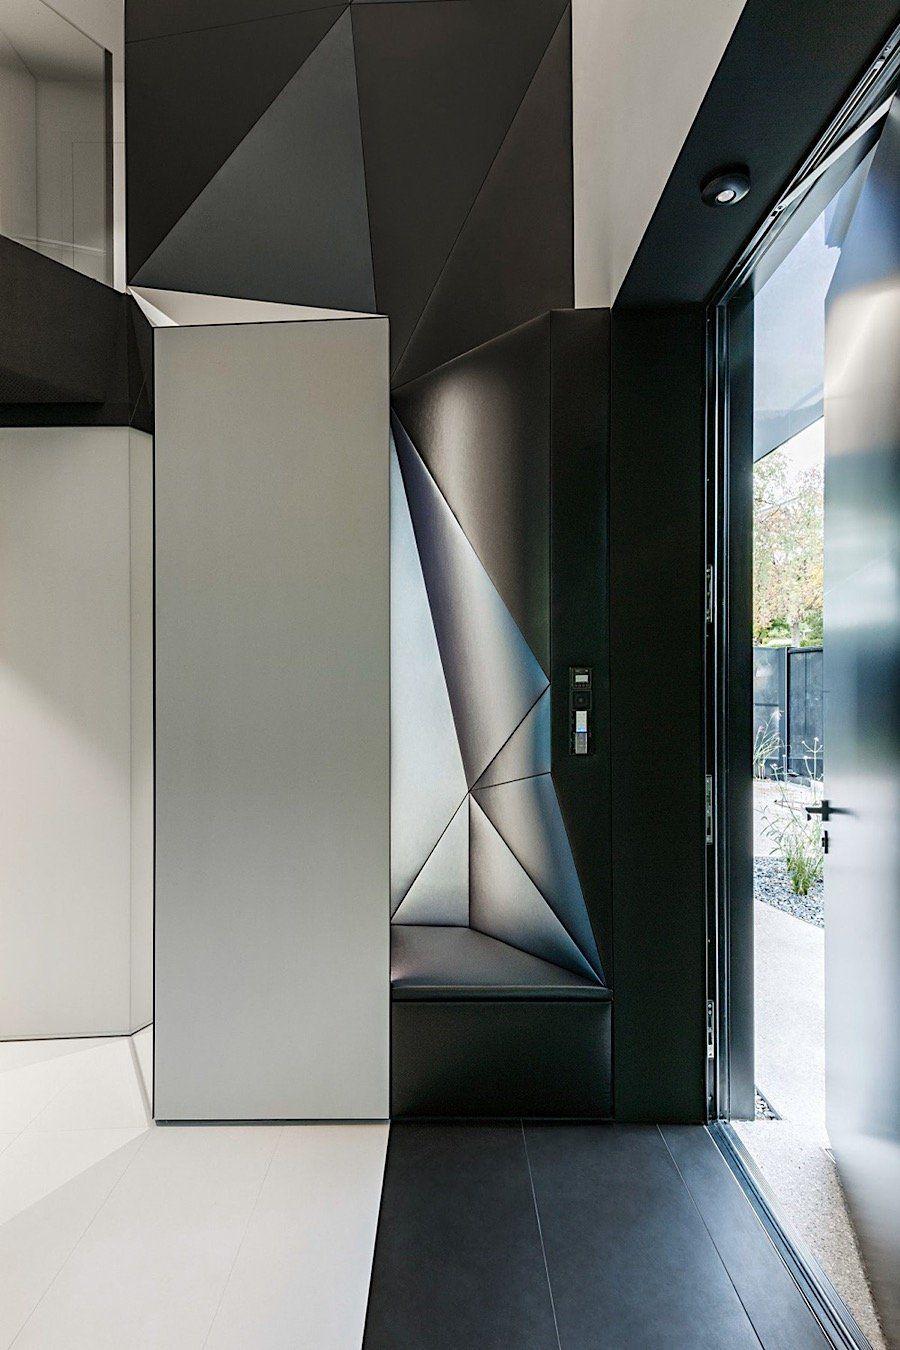 ad2 architekten bauen ein kantiges Haus in Wien | LIVING | Pinterest